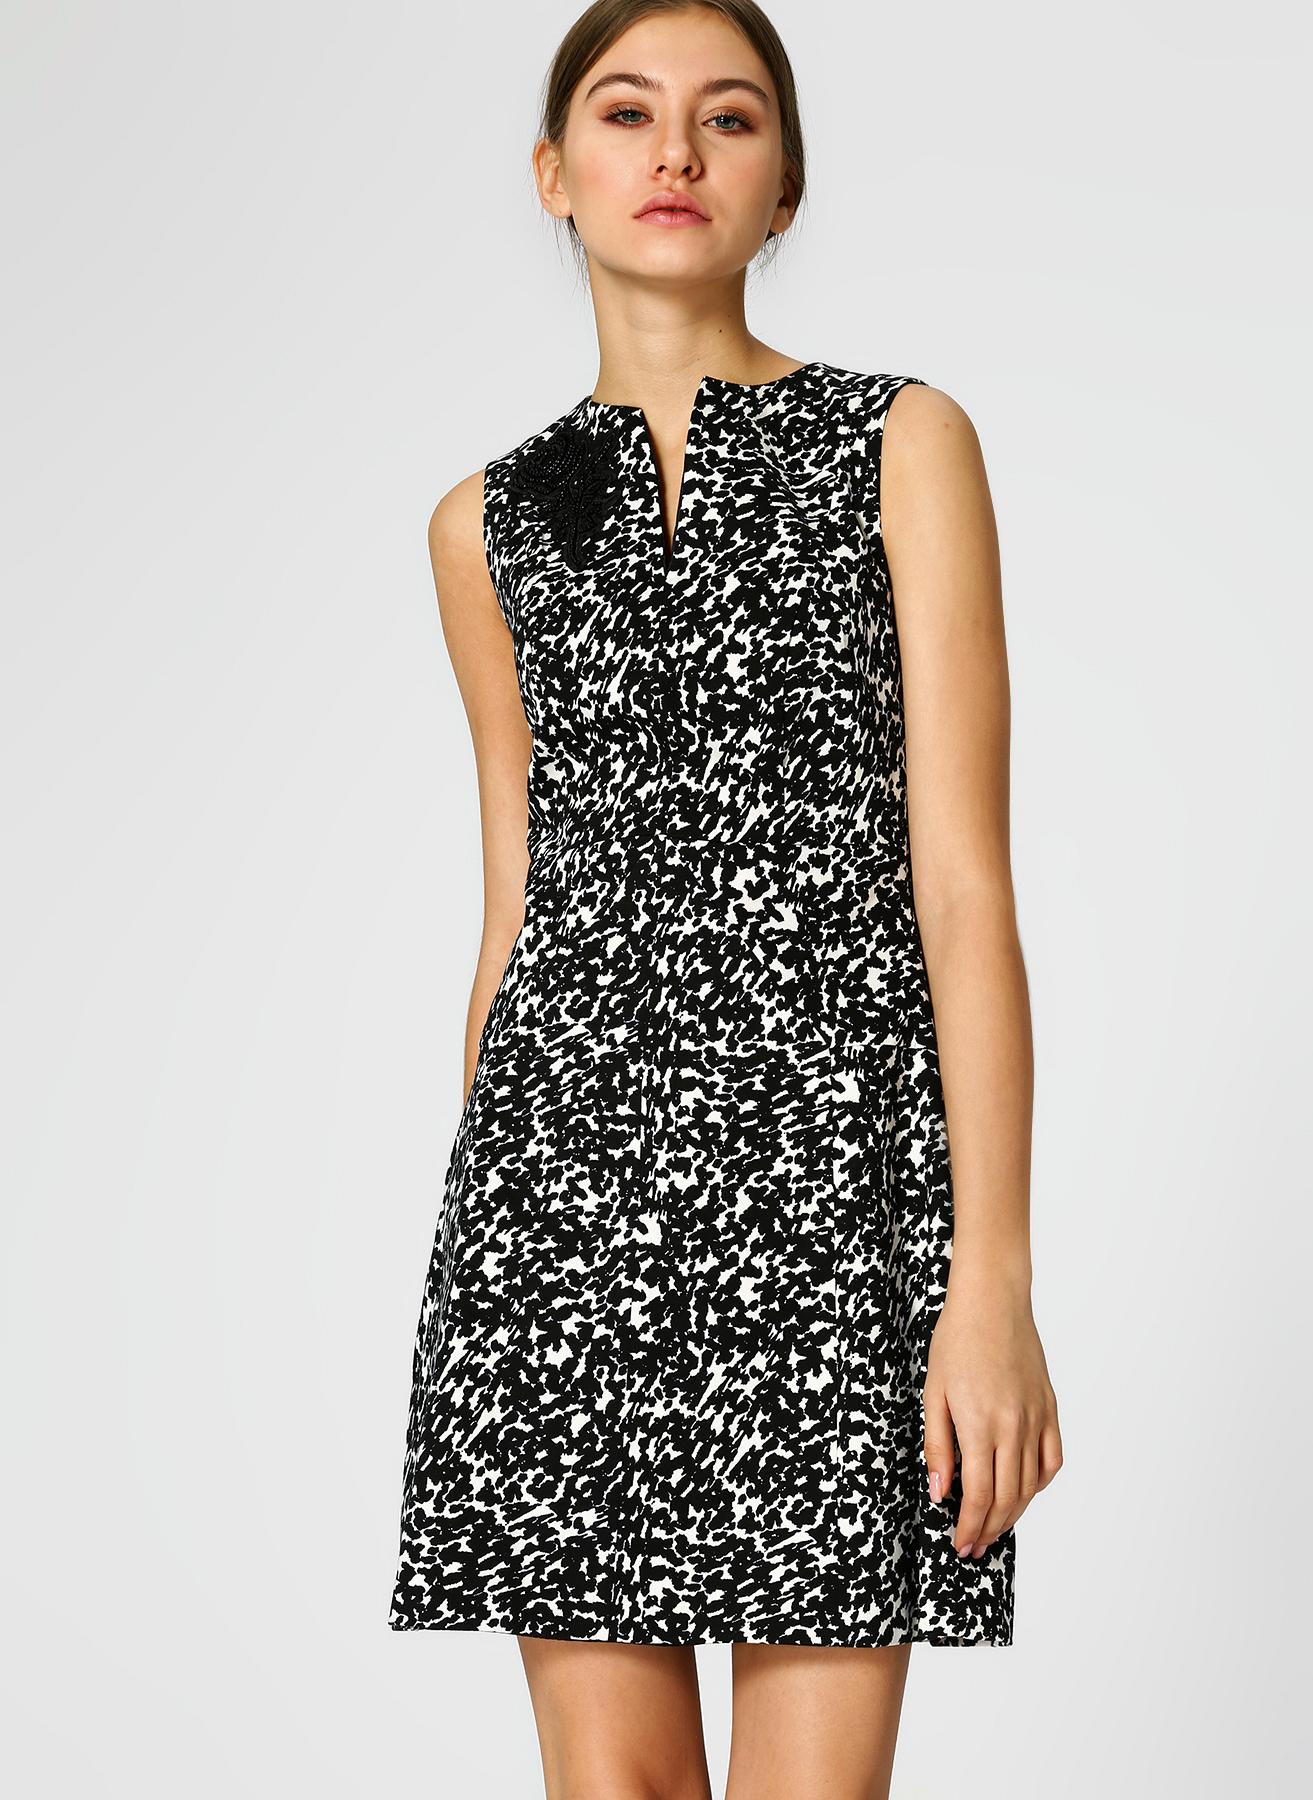 b80ede864294a Koton Taş İşlemeli Siyah-Beyaz Elbise 38 5002311861003 Fiyatları ...